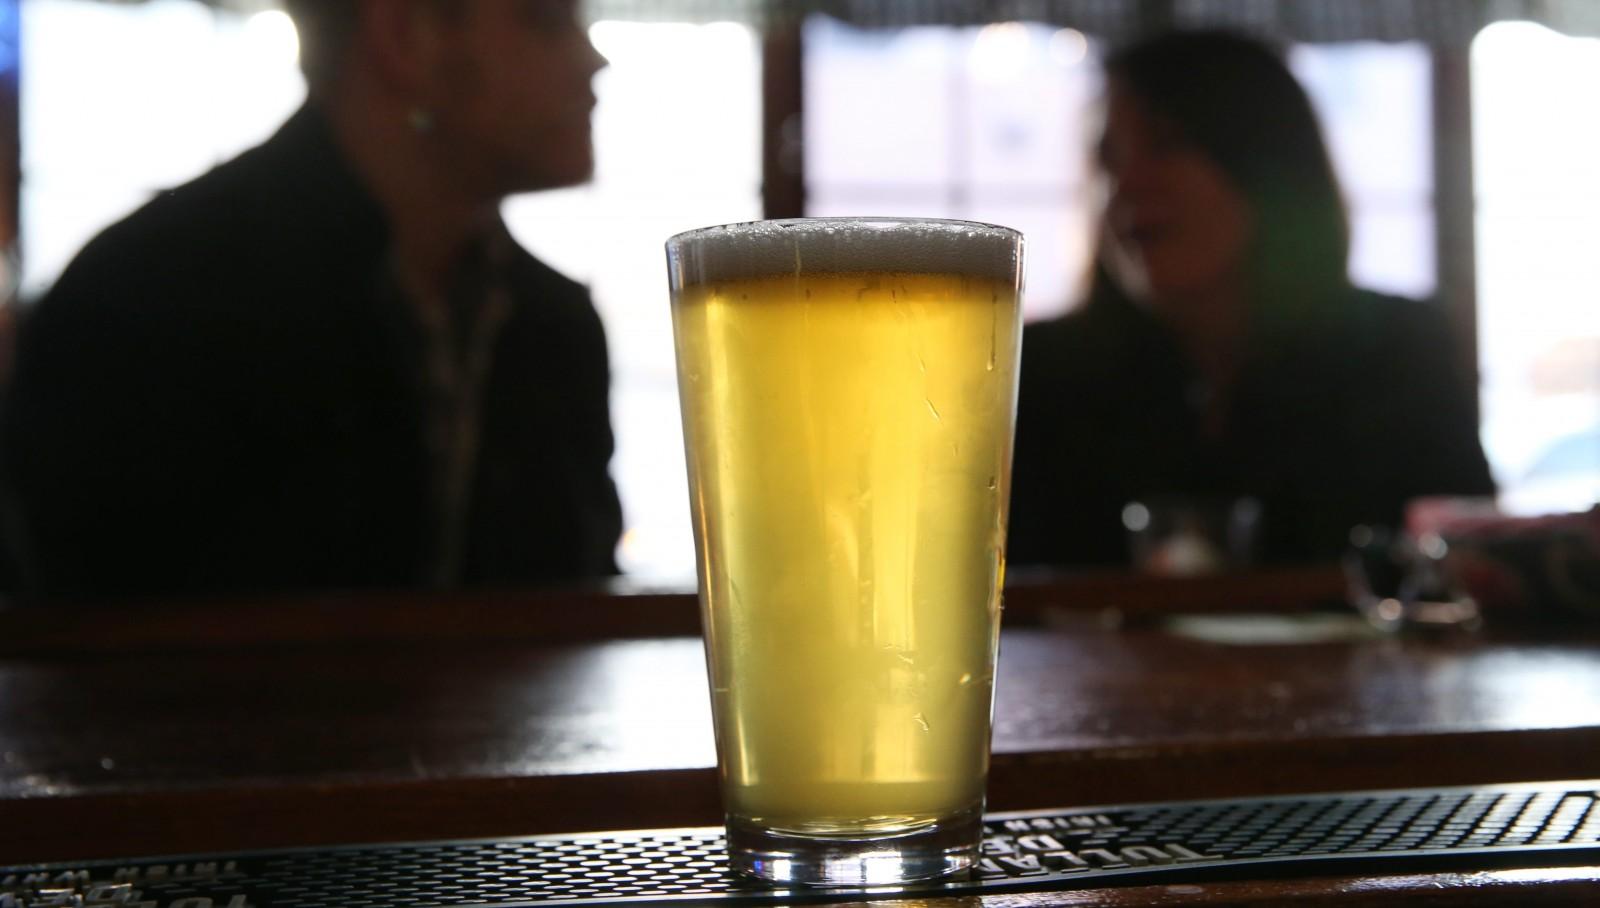 Fat Bob's Smokehouse serves Southern Tier's One Buffalo beer.  (Sharon Cantillon/Buffalo News)